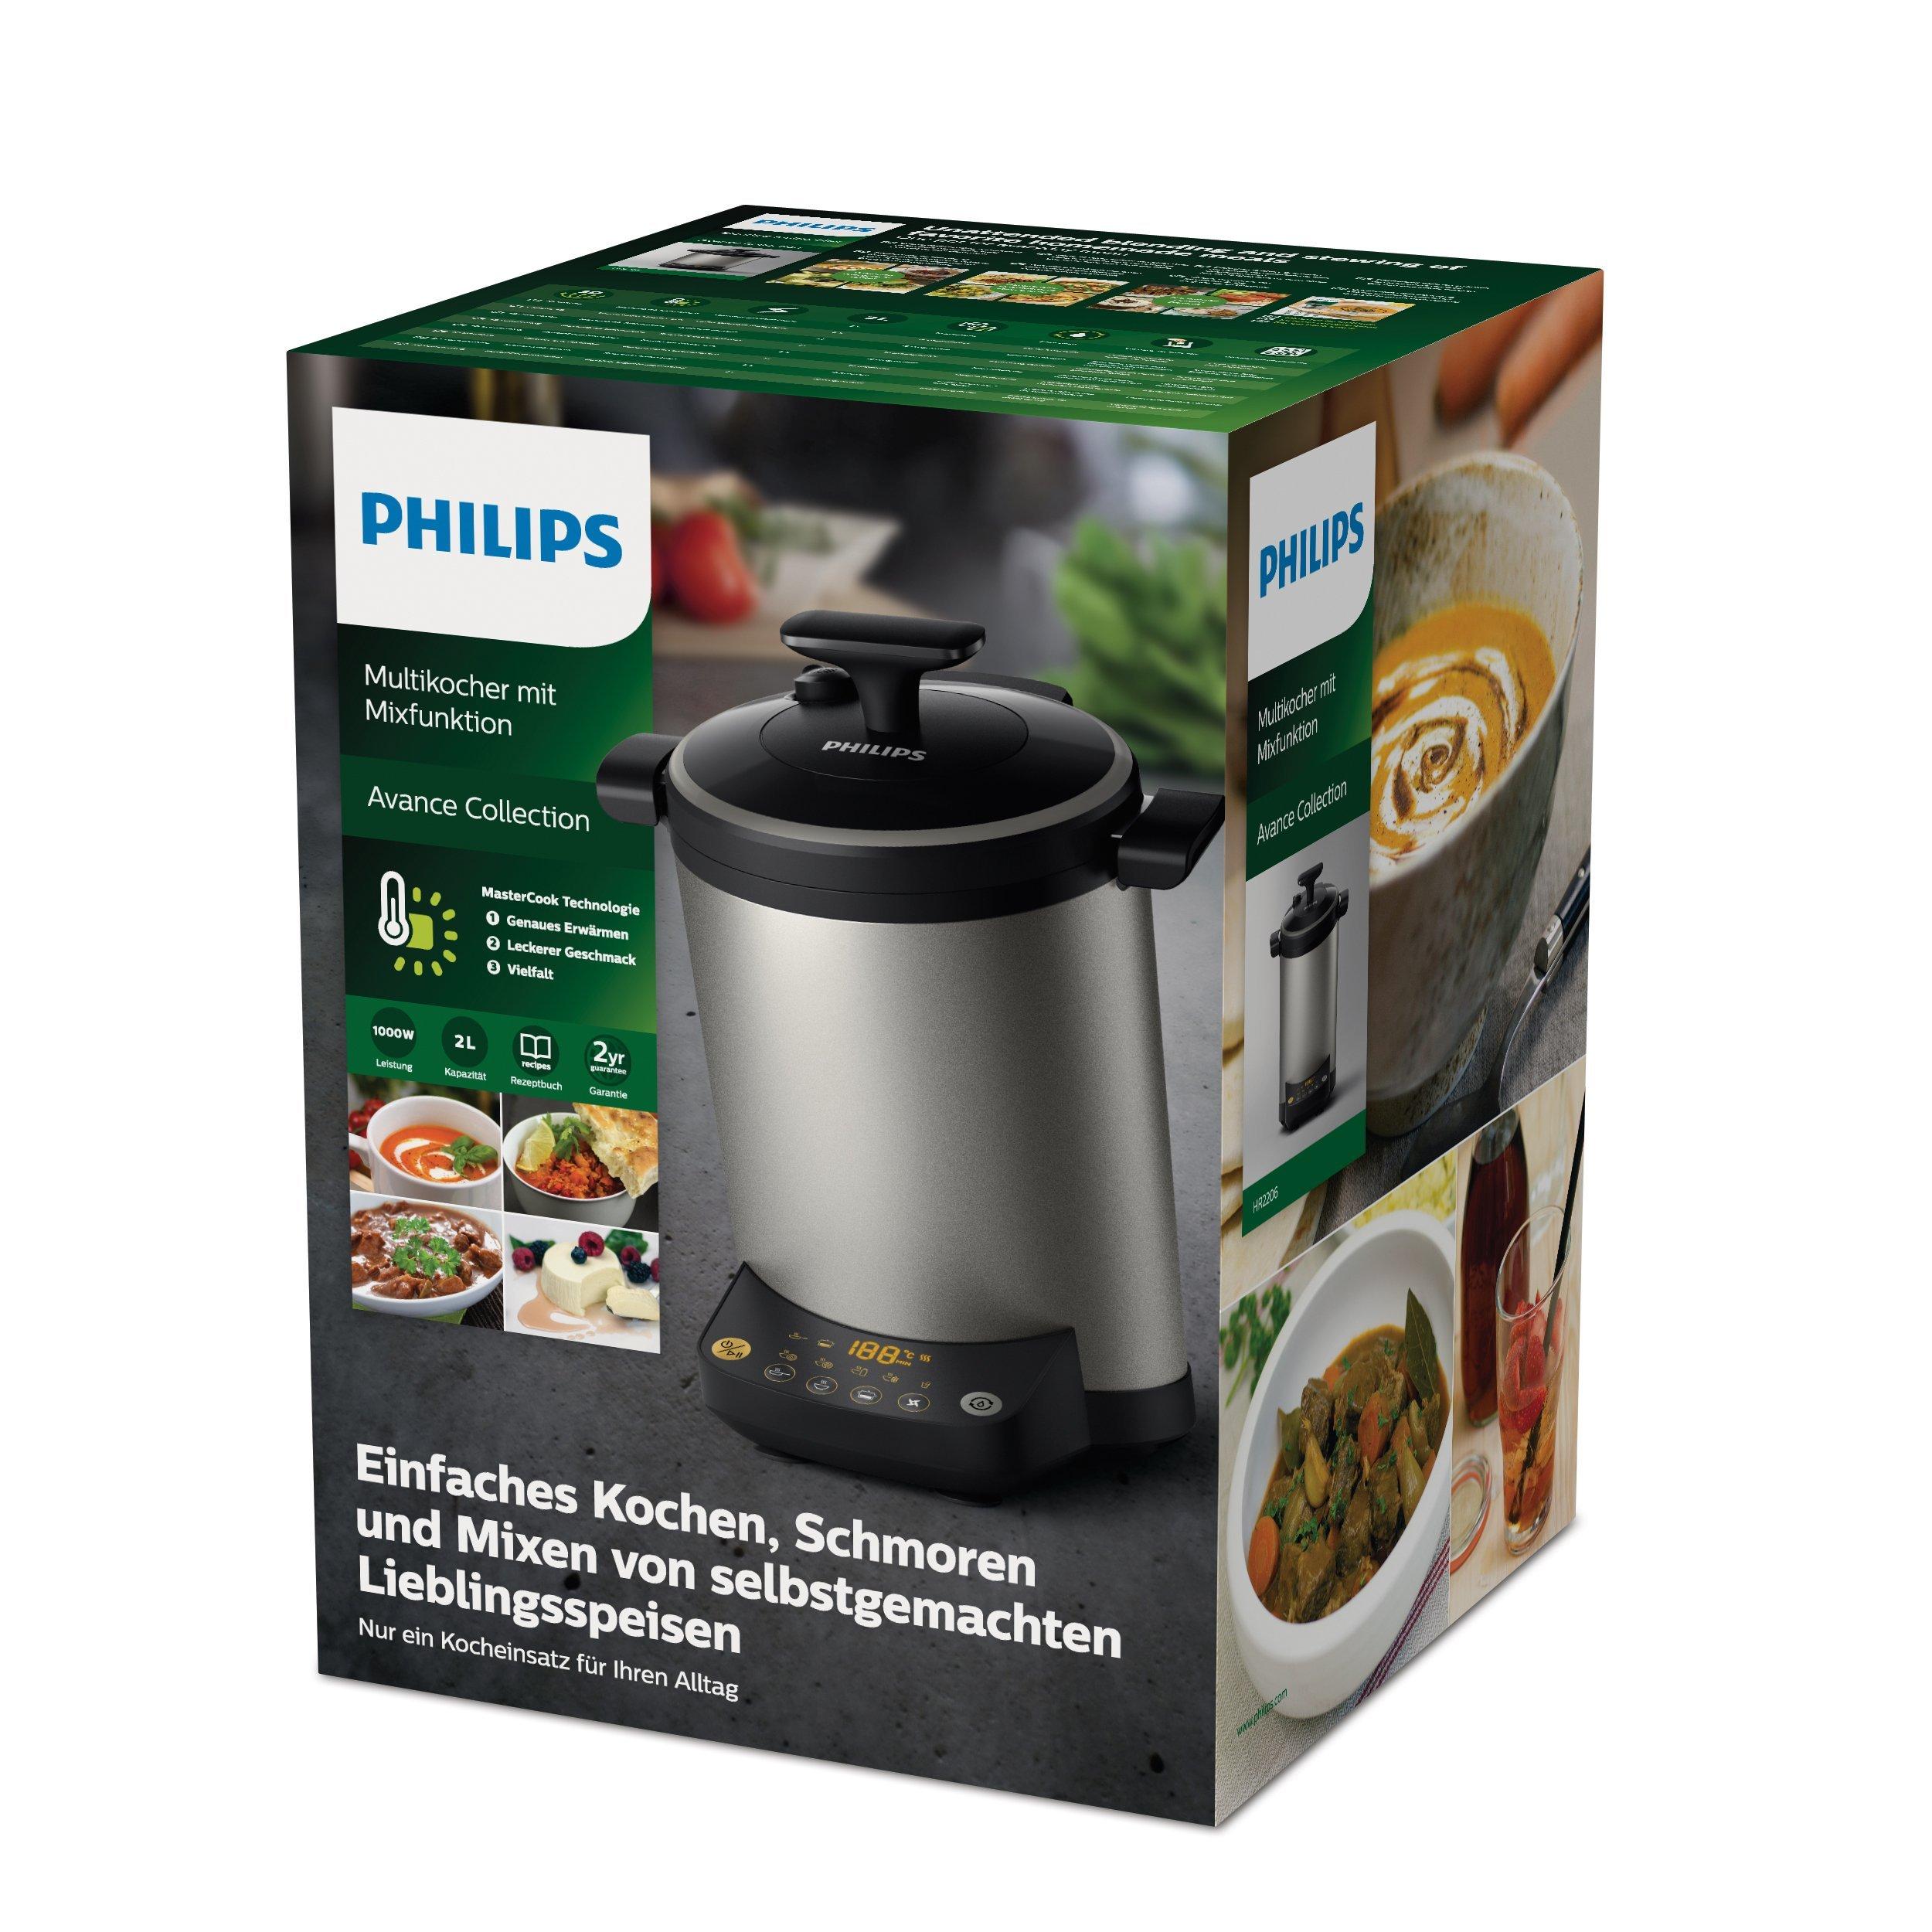 Philips HR2206 80 cocina electrodoméstico/vapor para cocinar/mezclador metálicos 282 x 357 x 32 cm, 1000 W): Amazon.es: Hogar